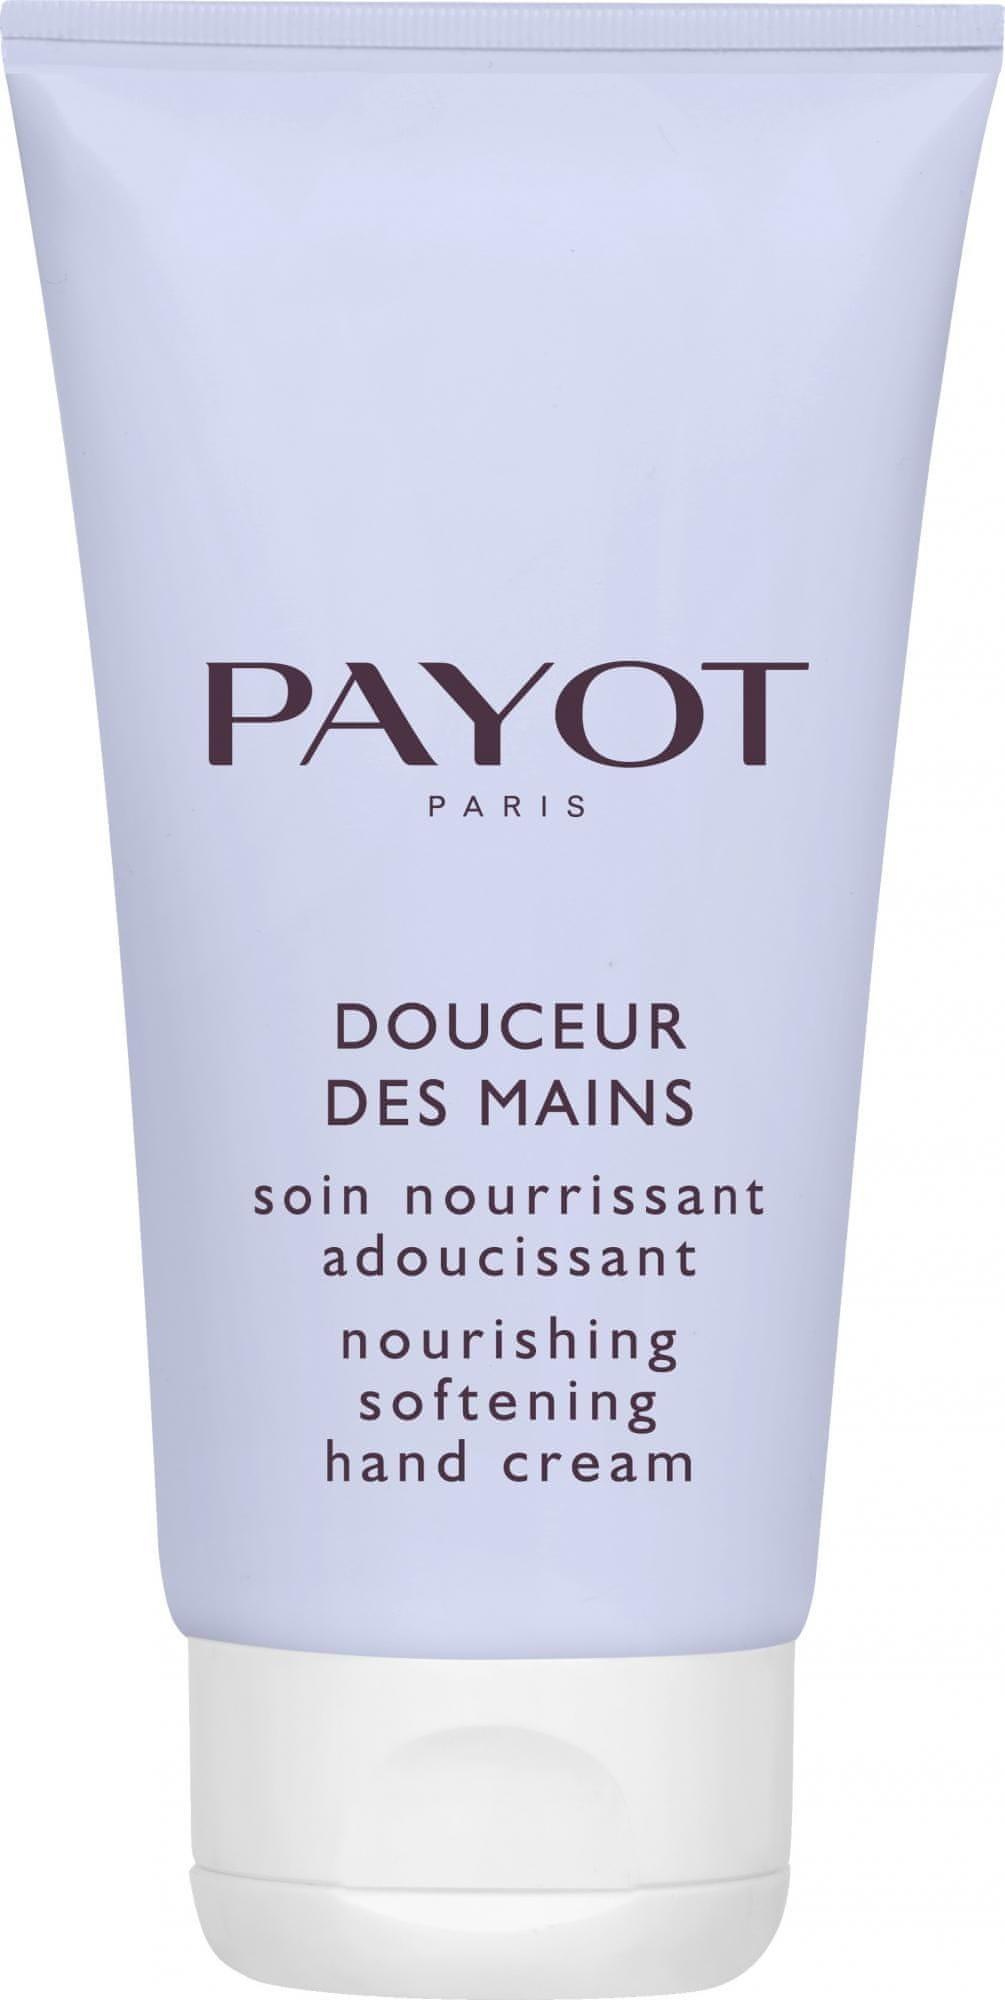 Payot Krem do rąk Douceur des Mains - 50 ml, BEZPŁATNY ODBIÓR: WARSZAWA, WROCŁAW, KATOWICE, KRAKÓW!